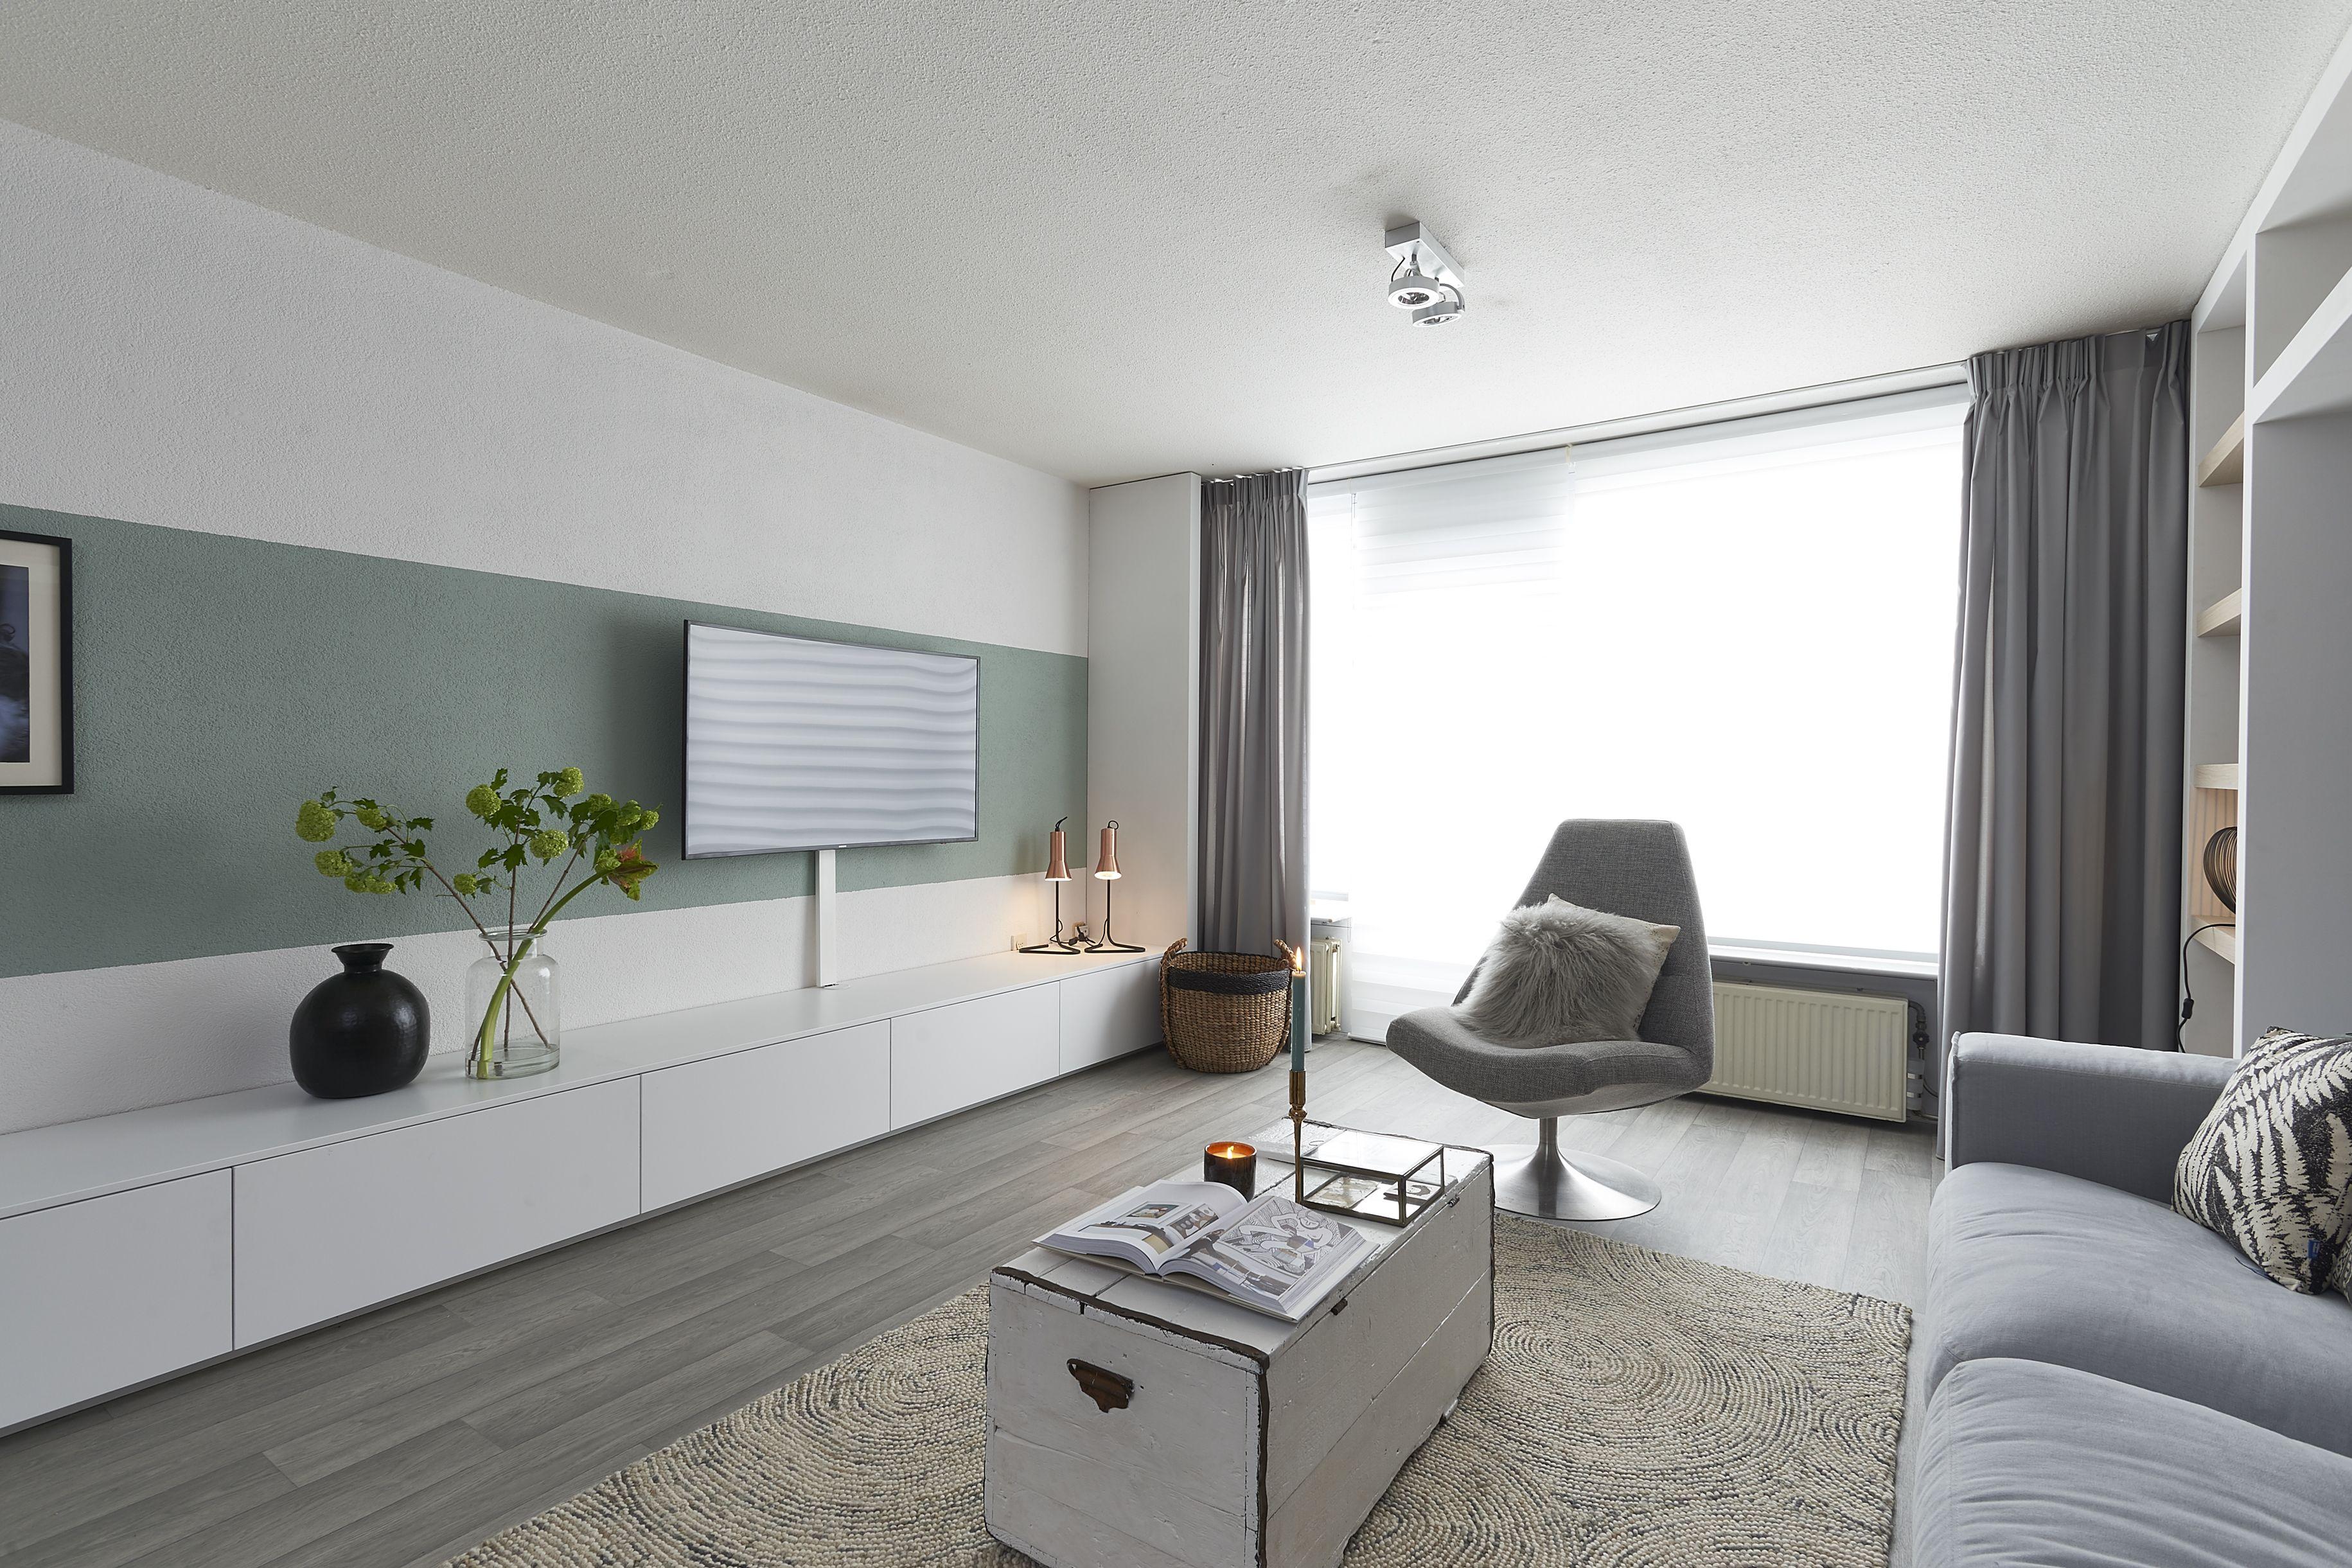 Op maat gemaakte TV meubel  LOVE home sweet home  Huis